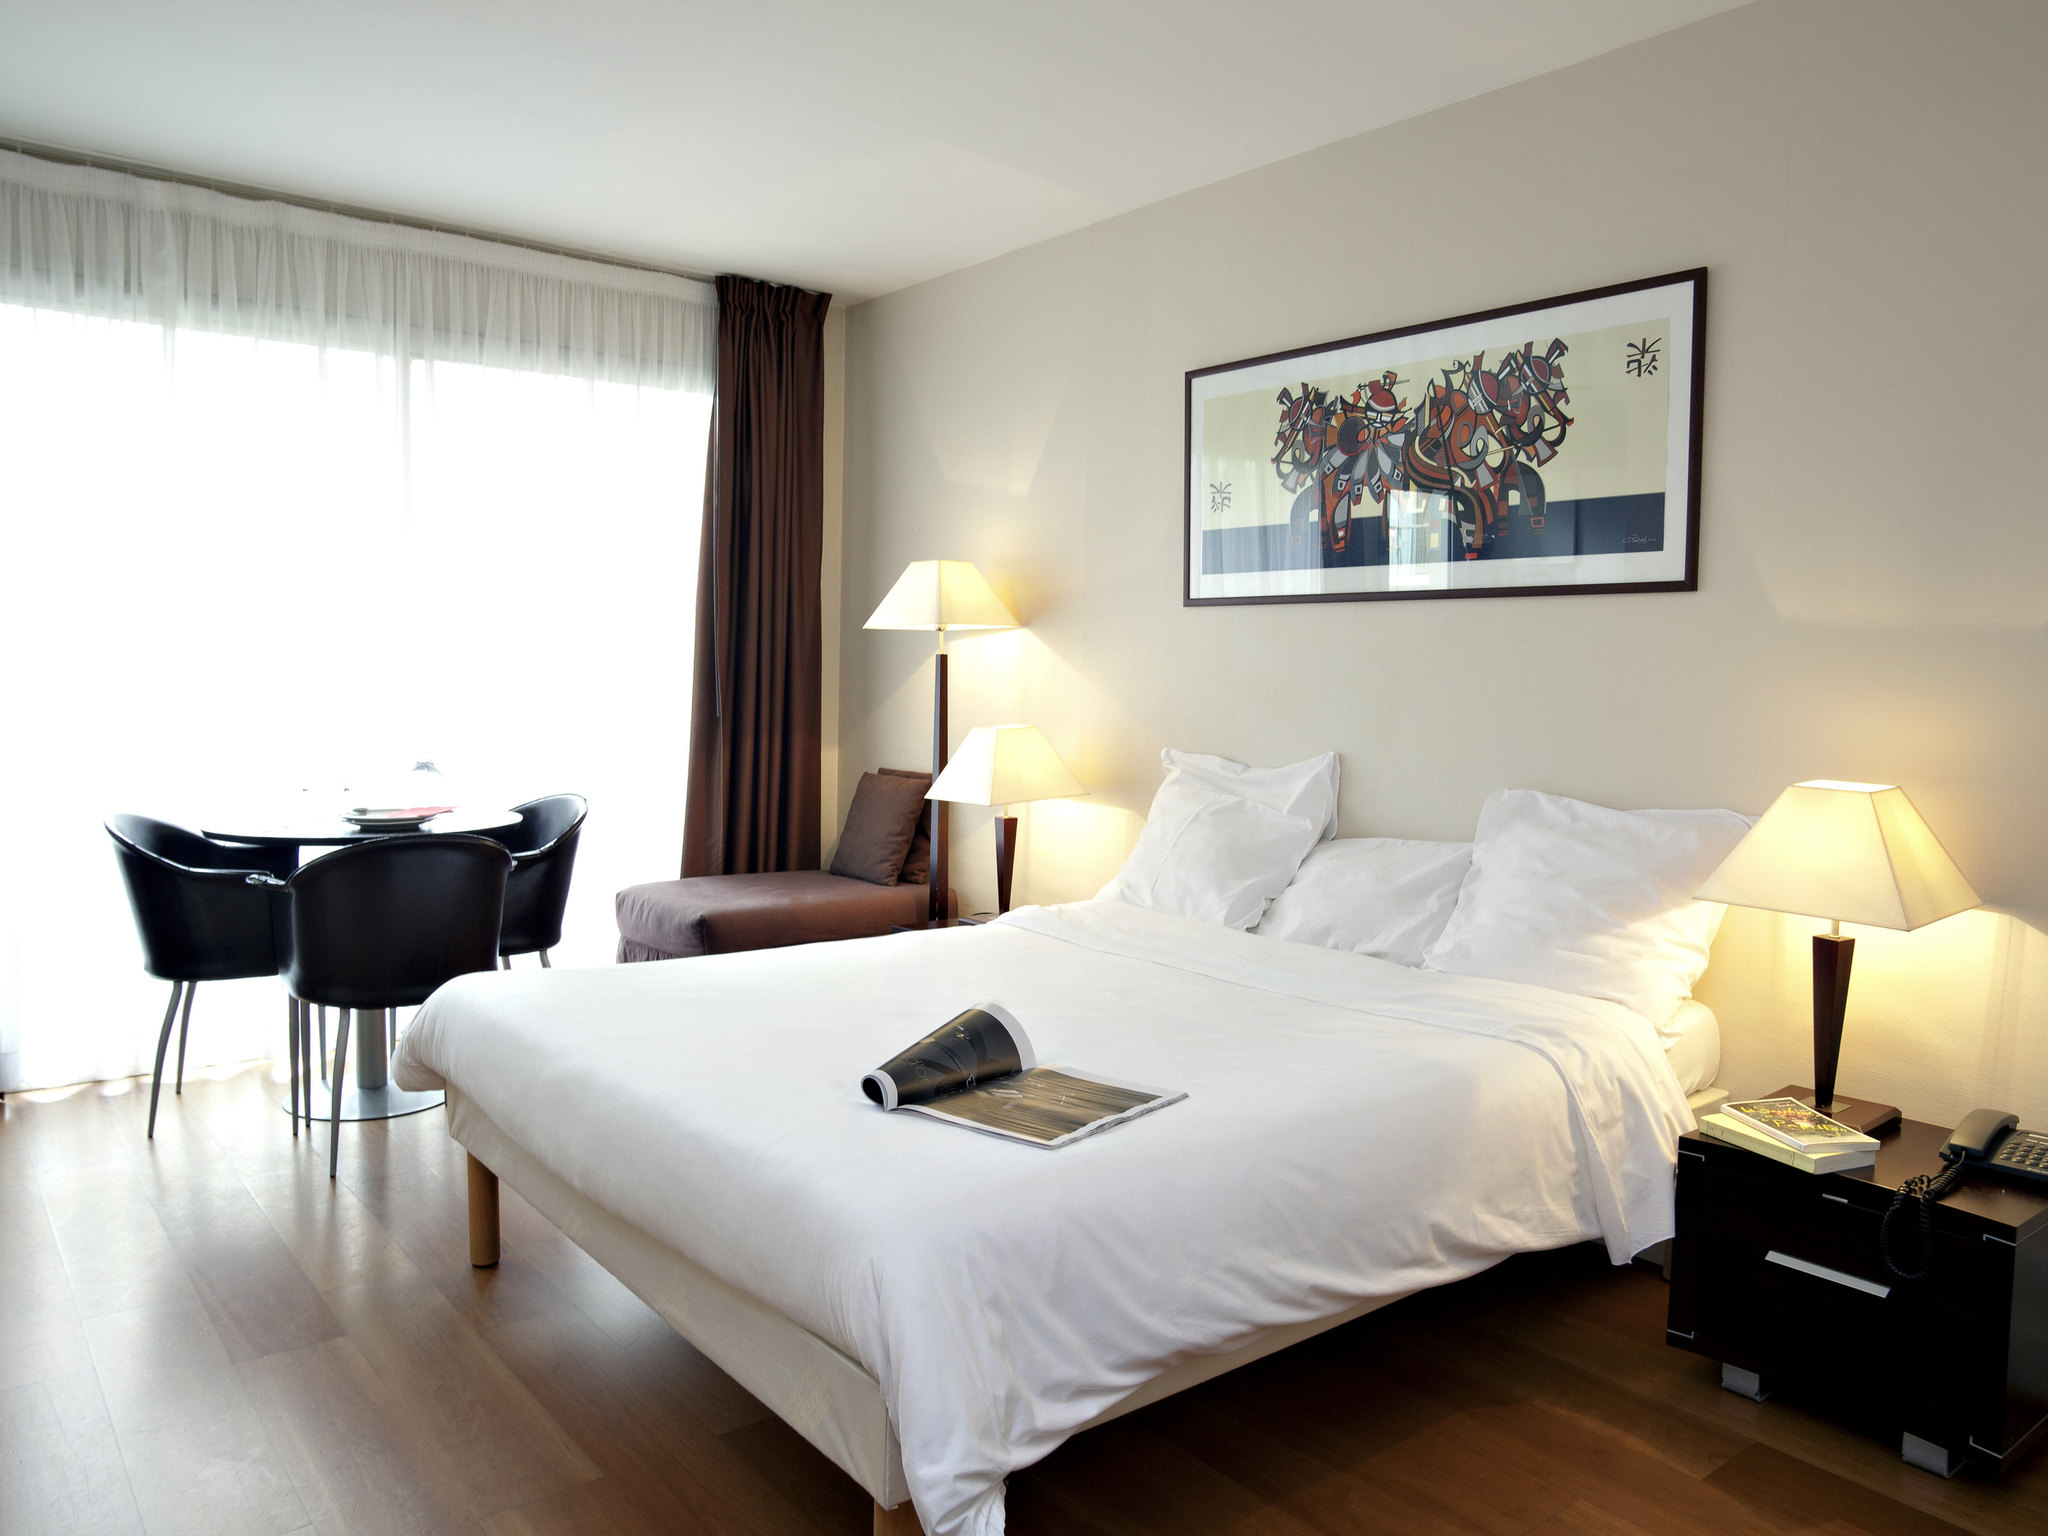 Hotel - Aparthotel Adagio access Paris Tour Eiffel Saint-Charles